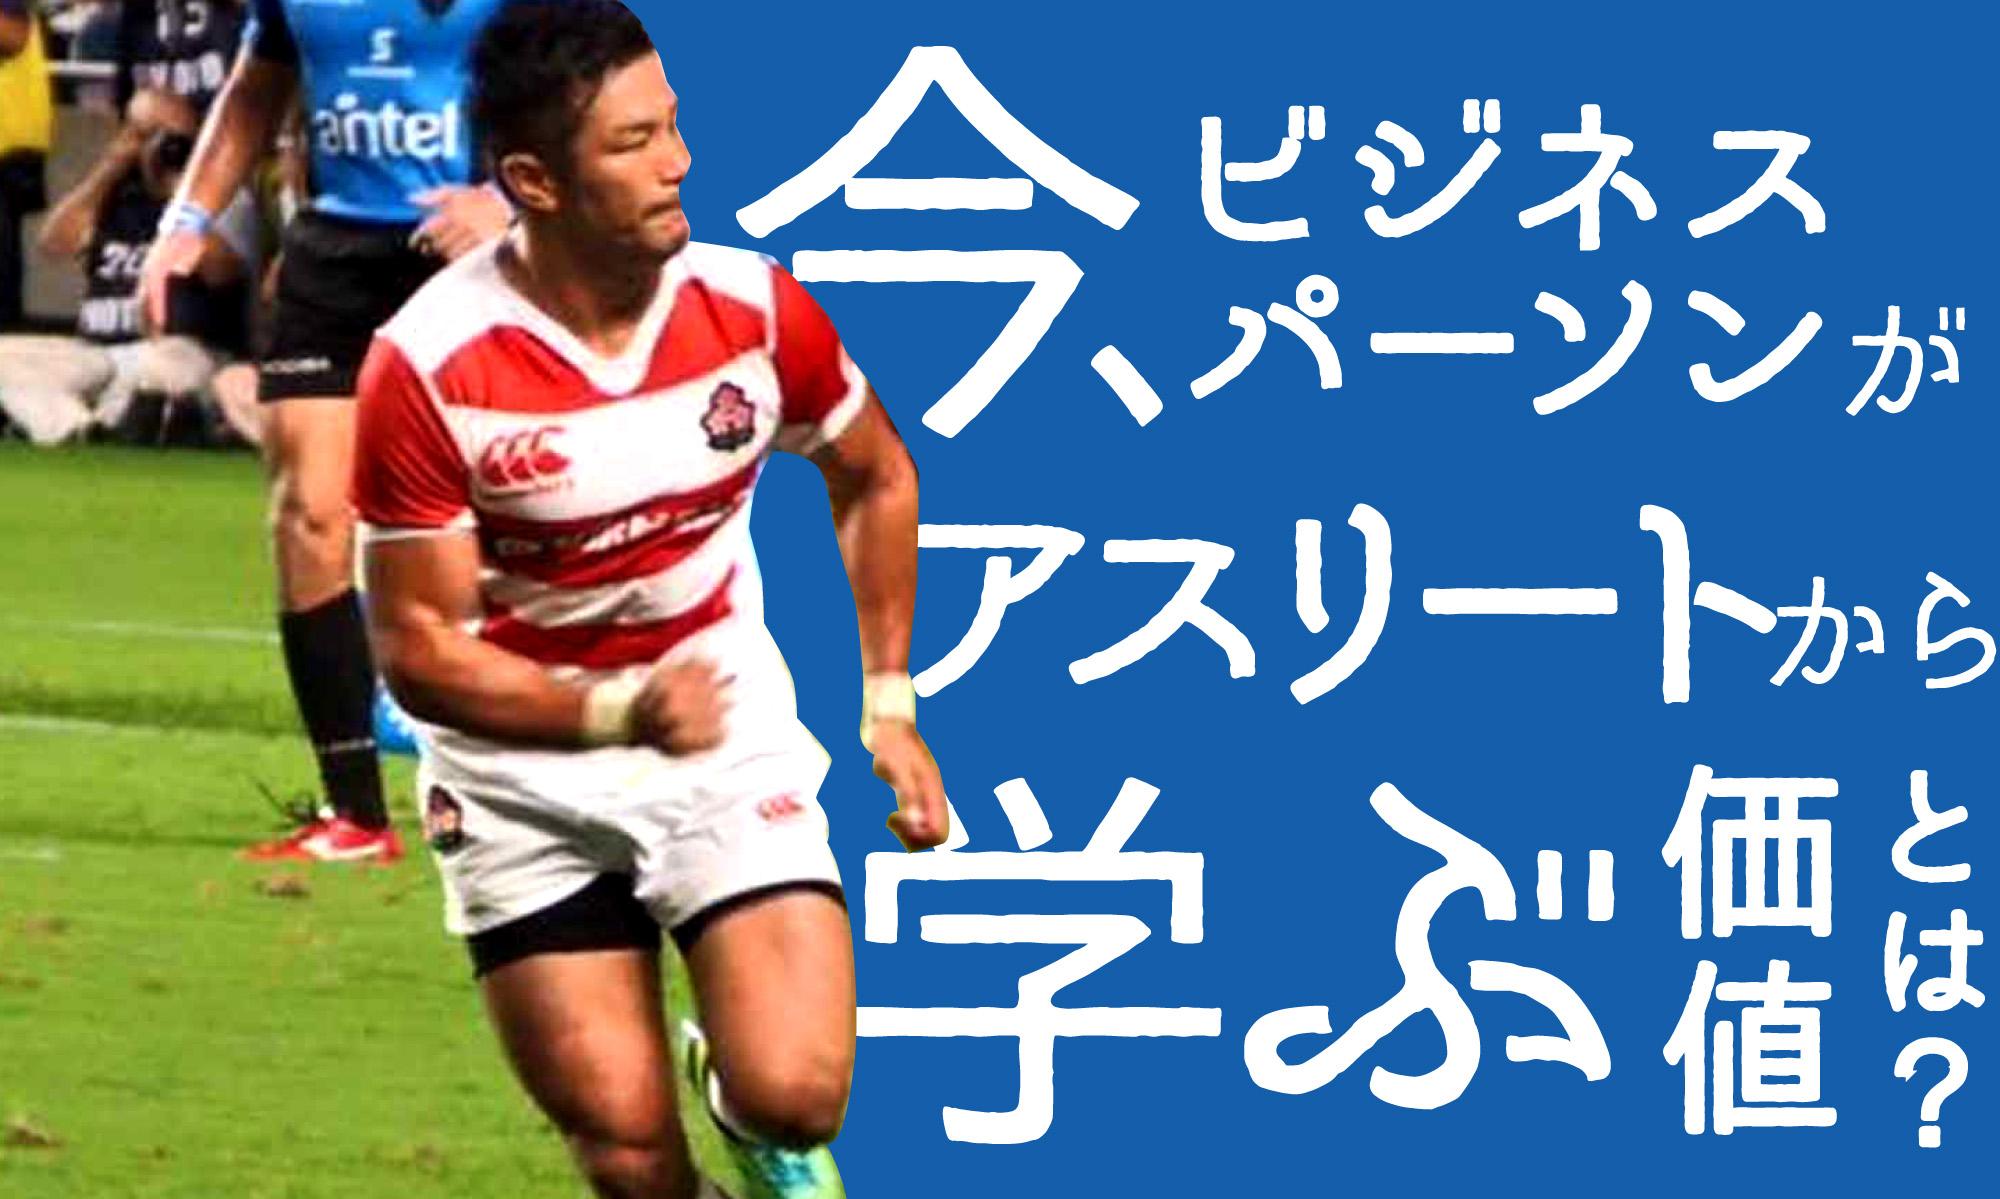 元ラグビー日本代表主将から学ぶ 逆境やキャリアの転換期との向き合い方(前編)